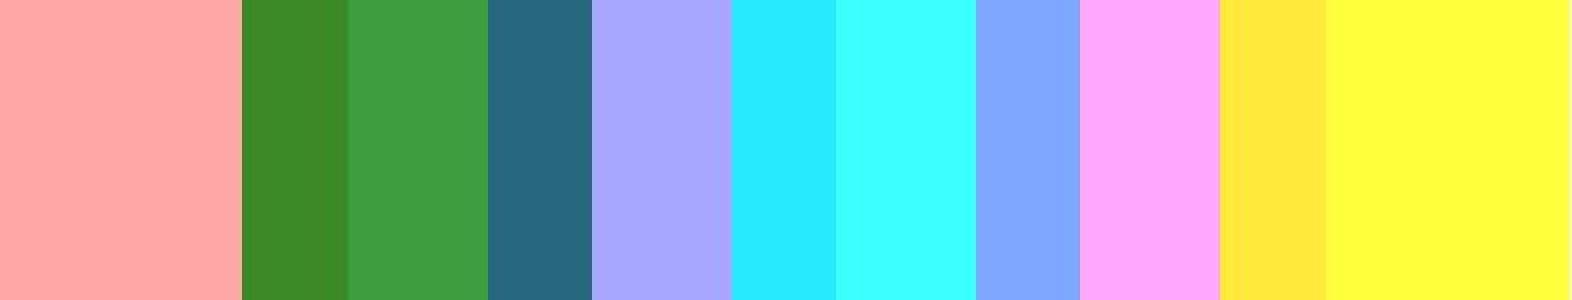 纯CSS3网页背景色彩属性样式绘制调色表样式效果HTML网页素材制作与下载